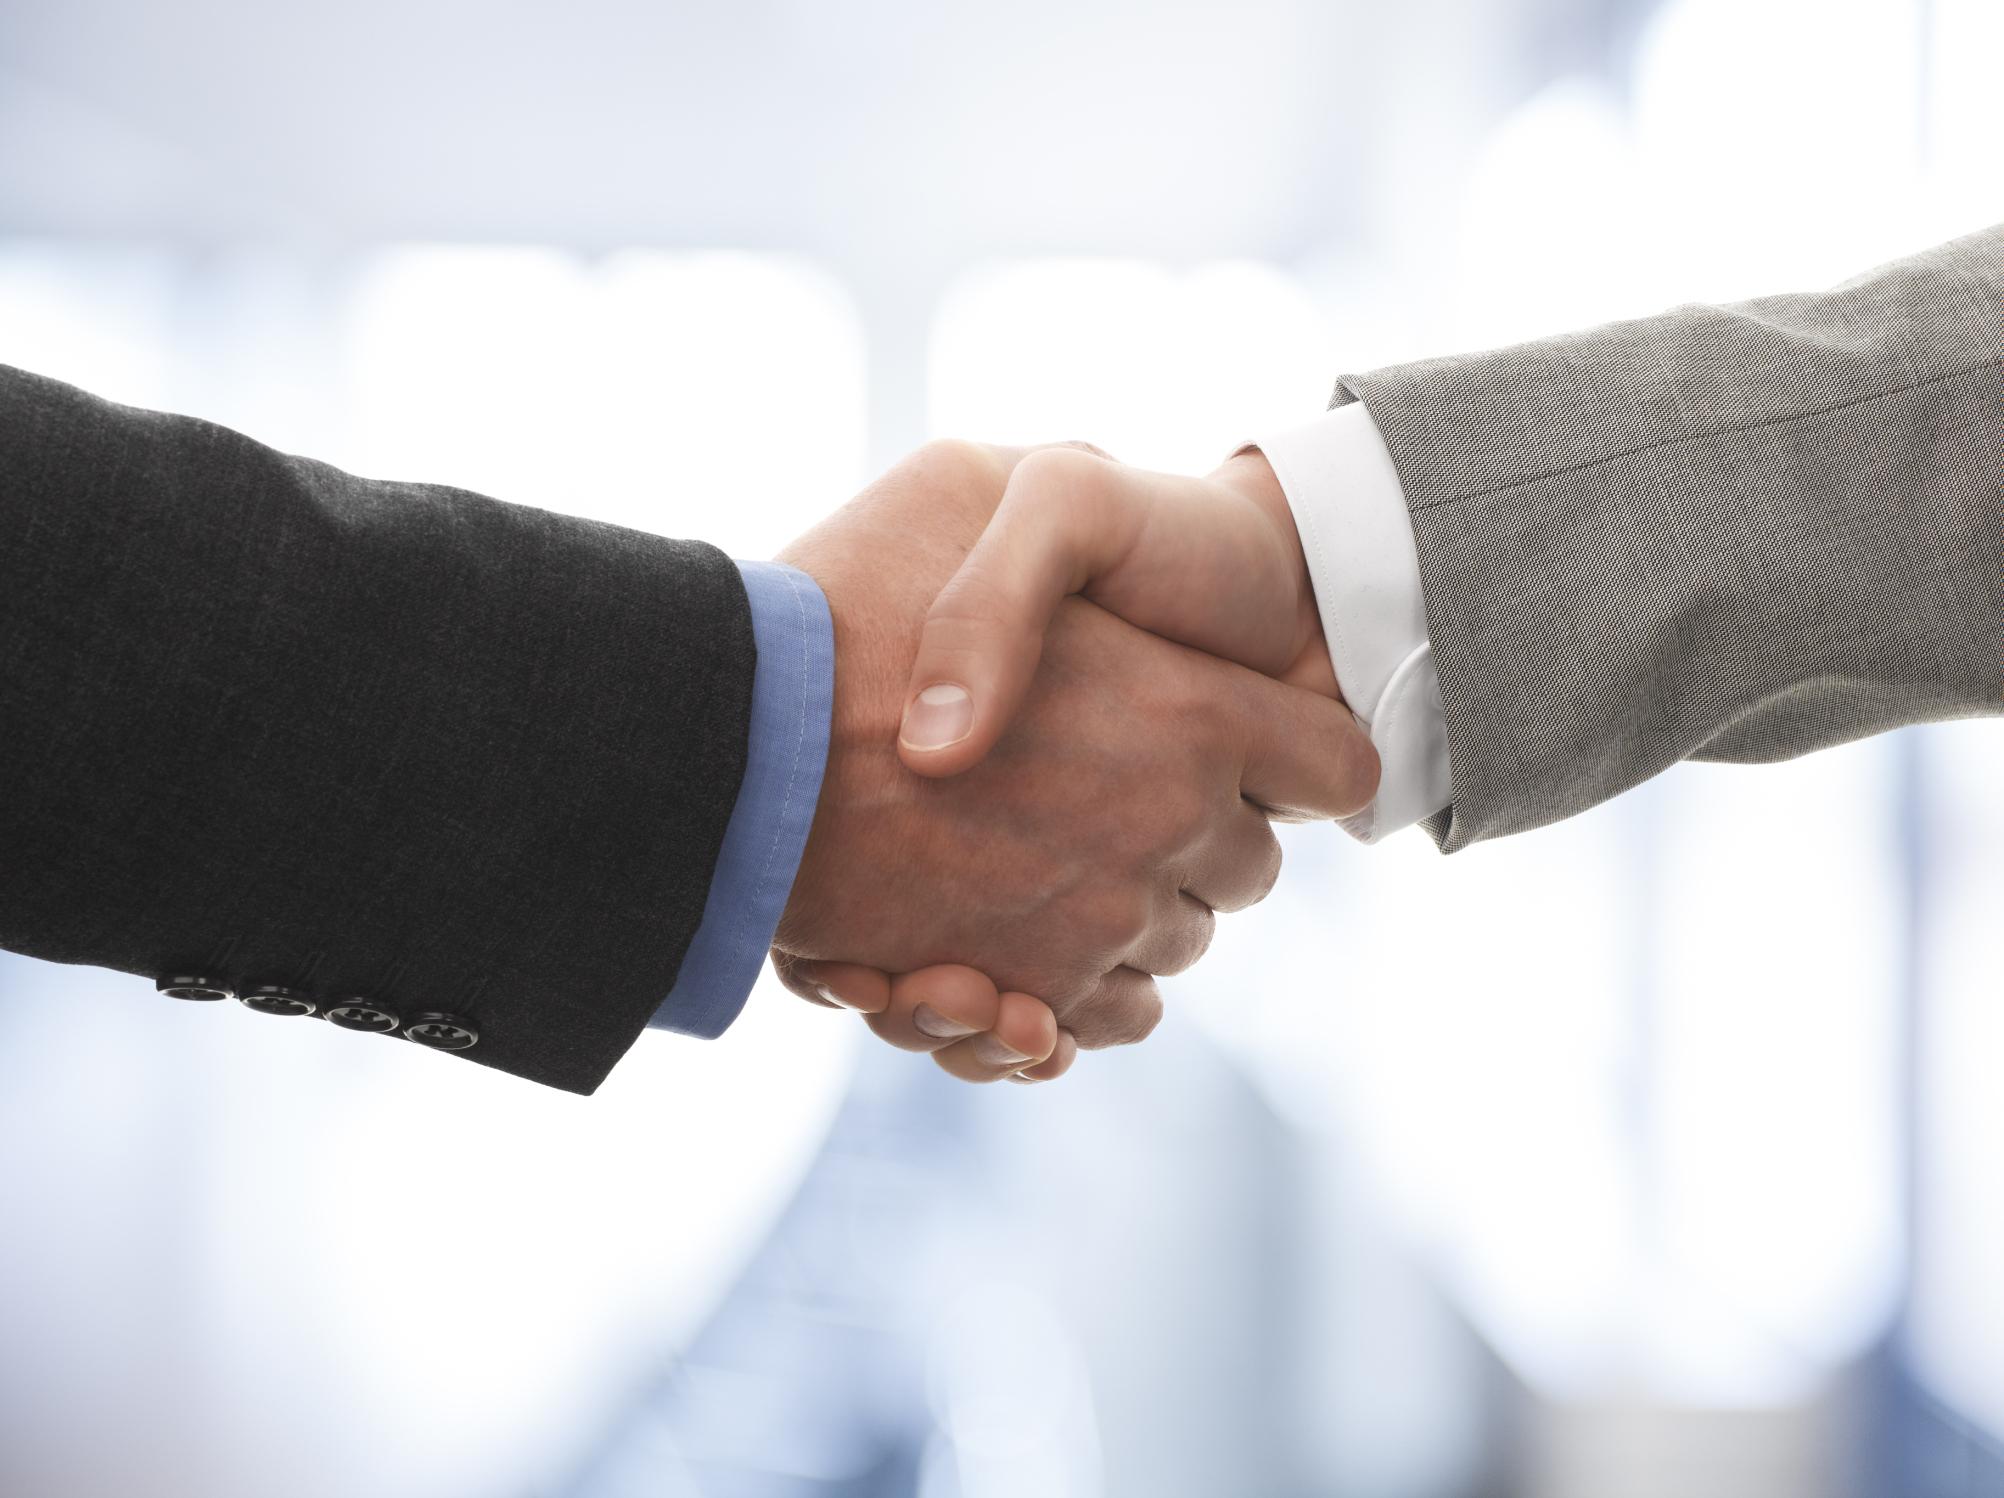 ФАУ «ФЦС» и Комитет РСПП договорились о совместной работе